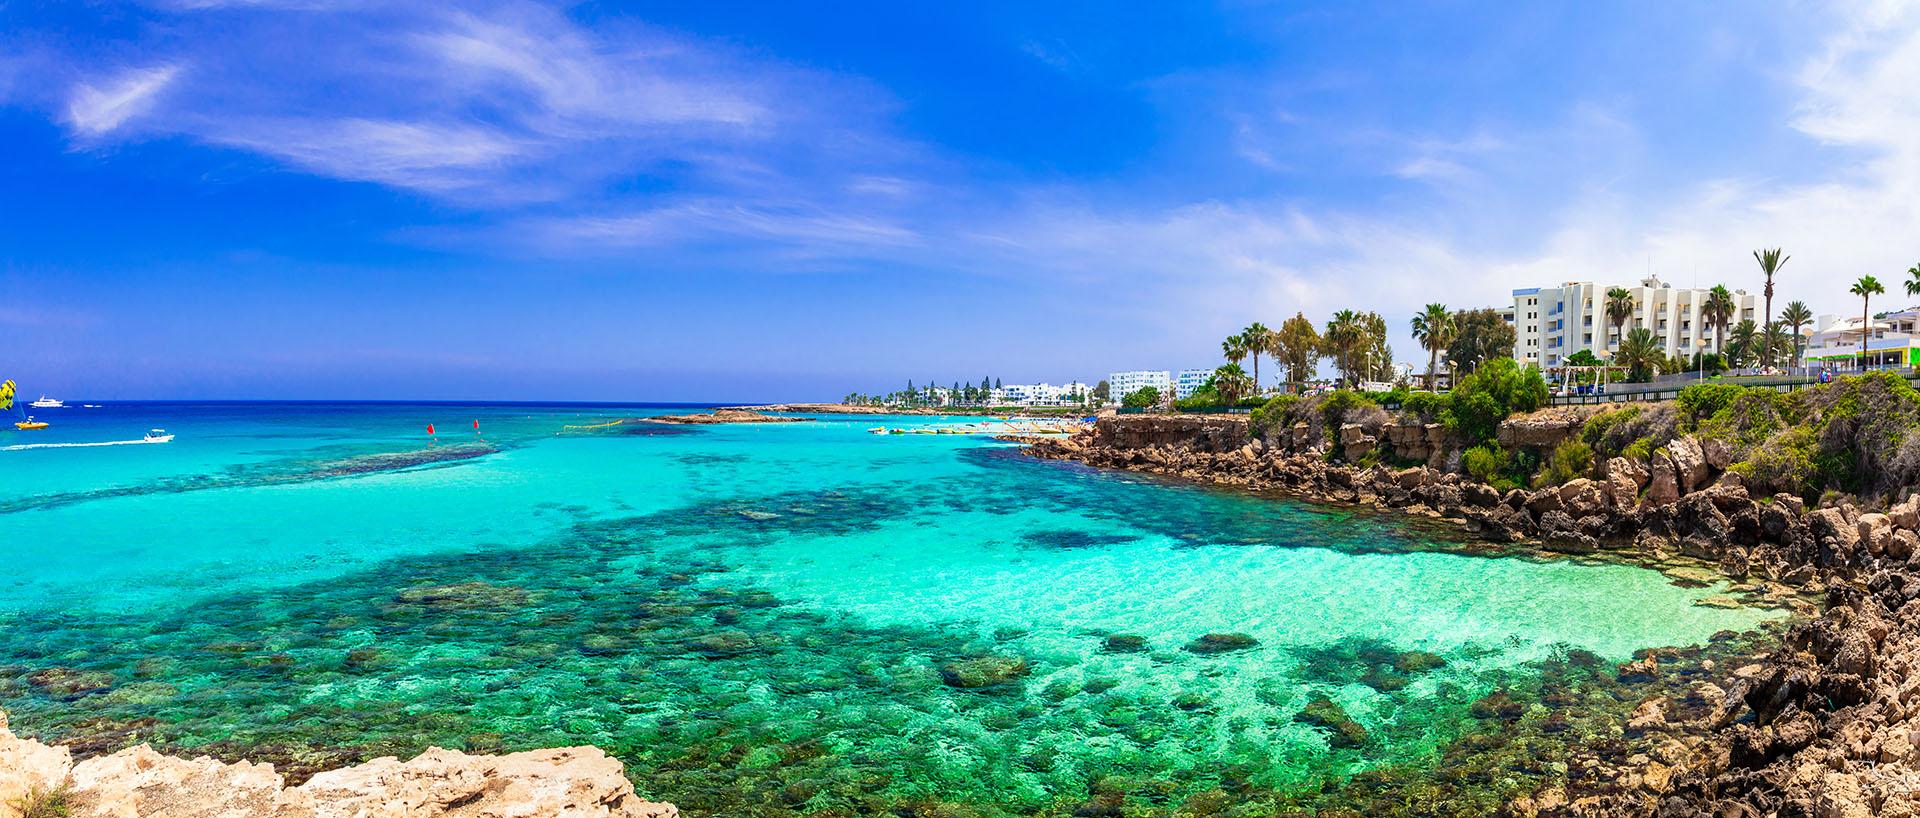 Fig Tree Bay es una pintoresca playa de arena en el complejo de Protaras, Chipre. Posee un islote deshabitado en el que se puede nadar desde la orilla. La playa tiene arena dorada, los clásicos bares de playa y muchas sombrillas para protegerse del sol